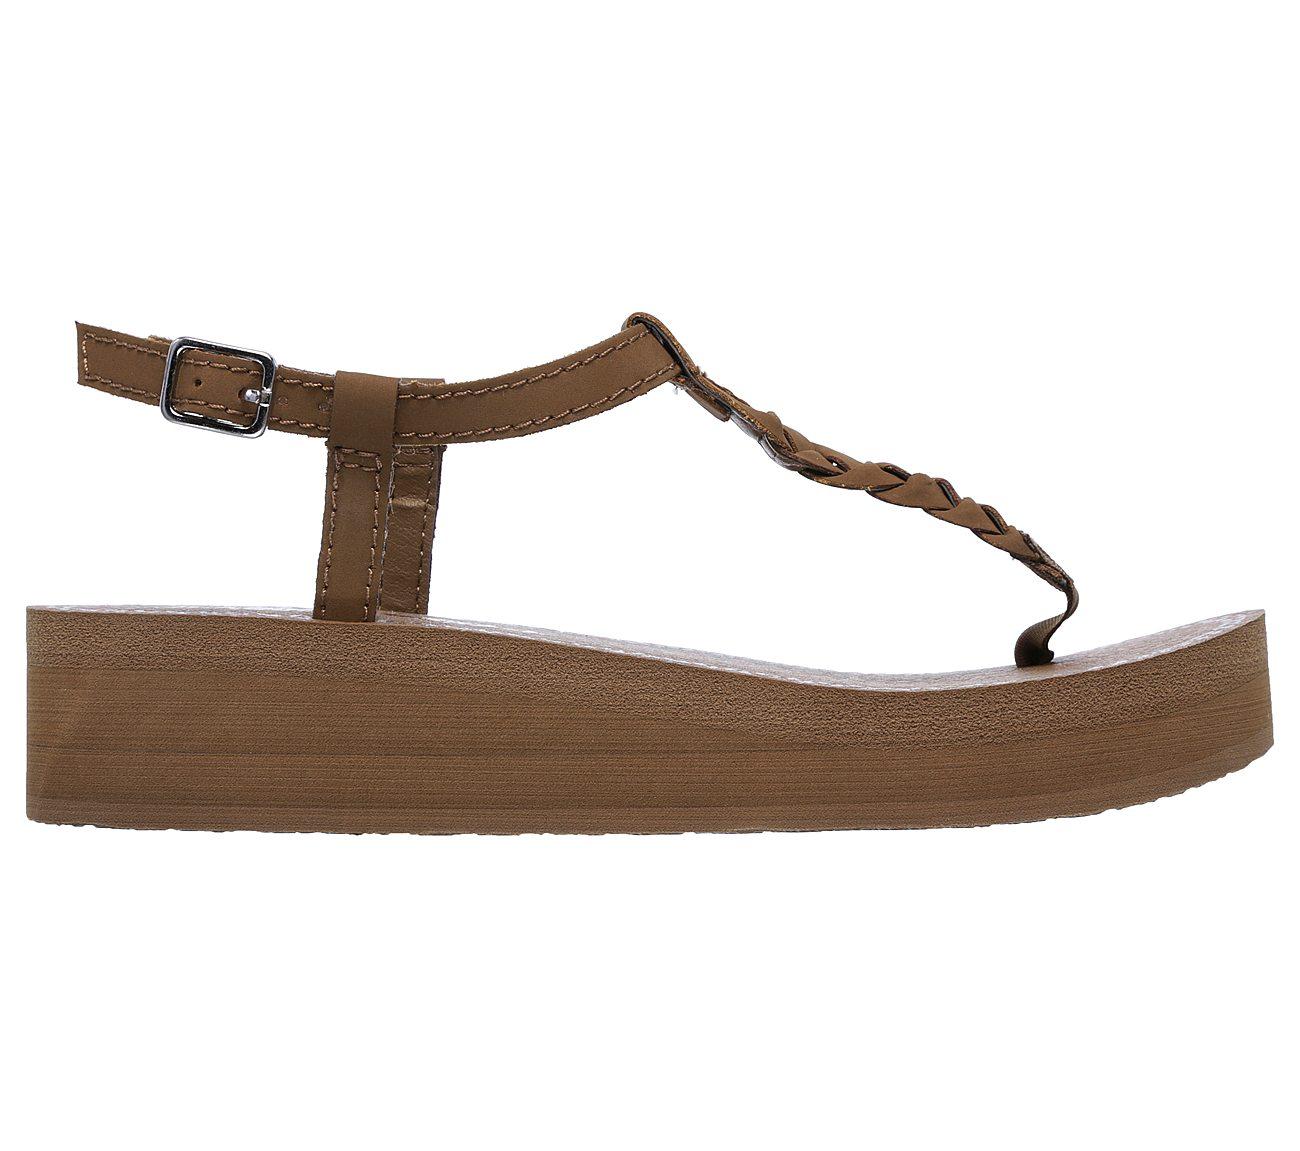 501474058af Buy SKECHERS Vinyasa - White Sands Cali Shoes only  47.00